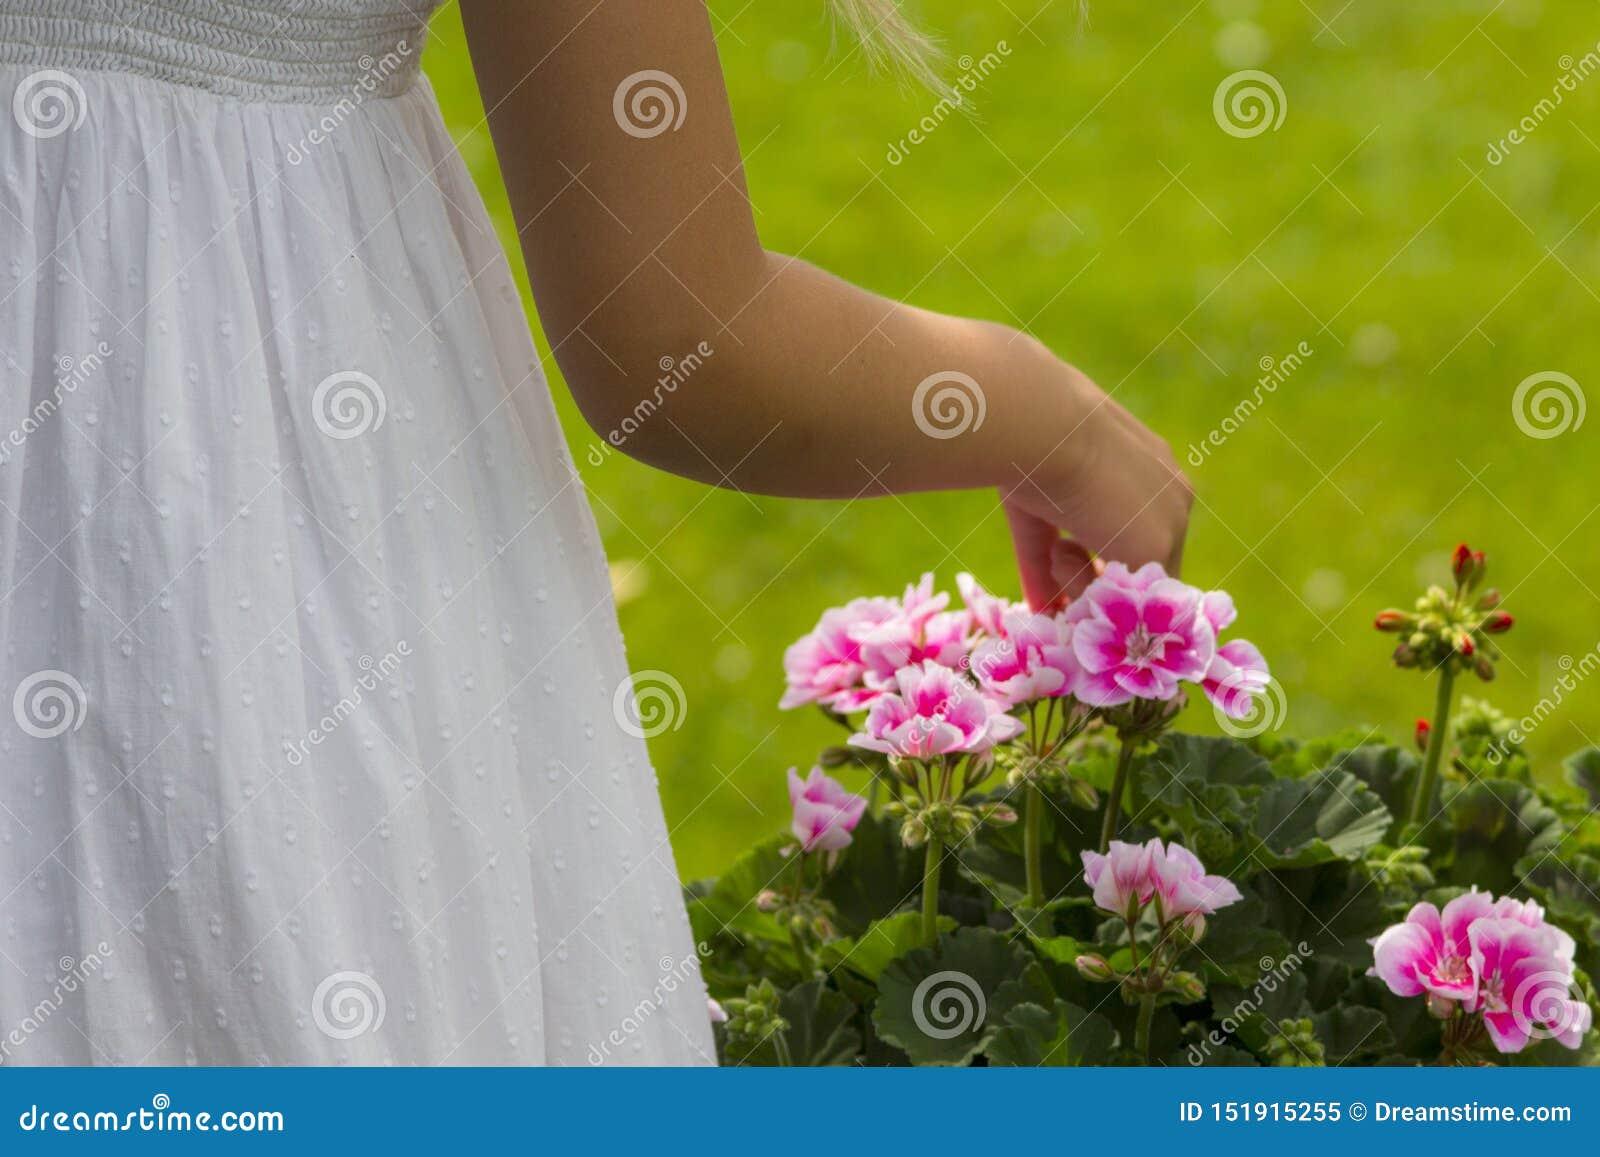 Meisje in kleding het plukken bloemen